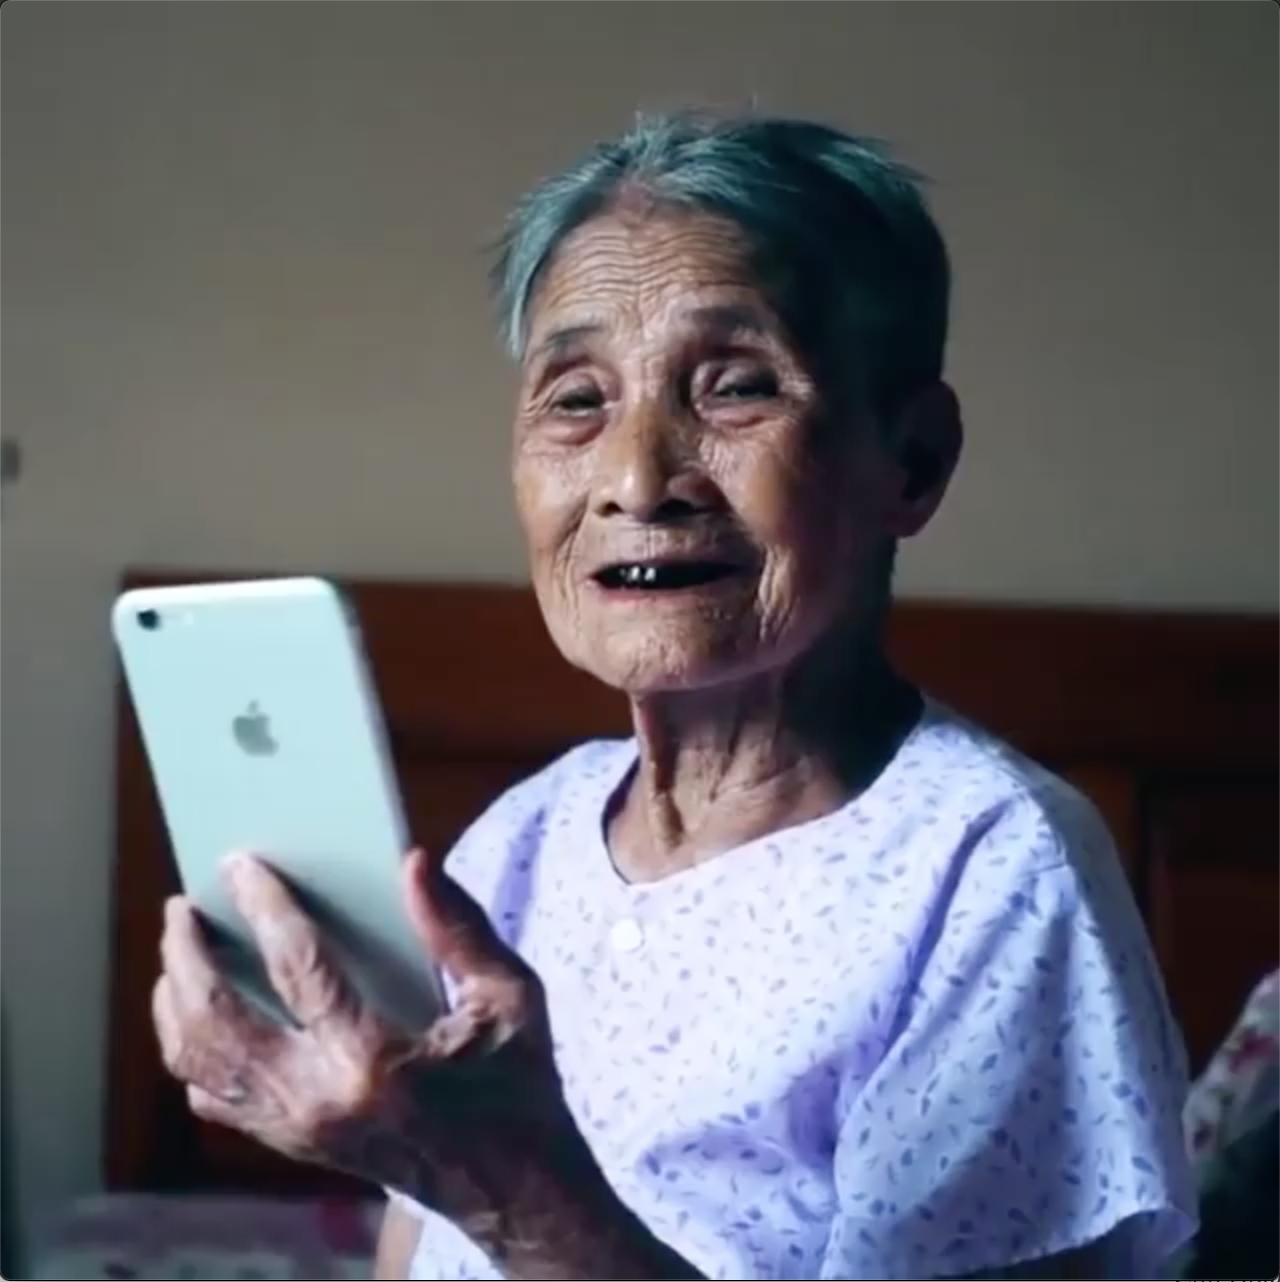 Cụ bà 93 tuổi lần đầu nhìn mình qua camera điện thoại: Giống đấy, nhưng mặt hơi gầy, mắt hơi sâu một chút - Ảnh 3.